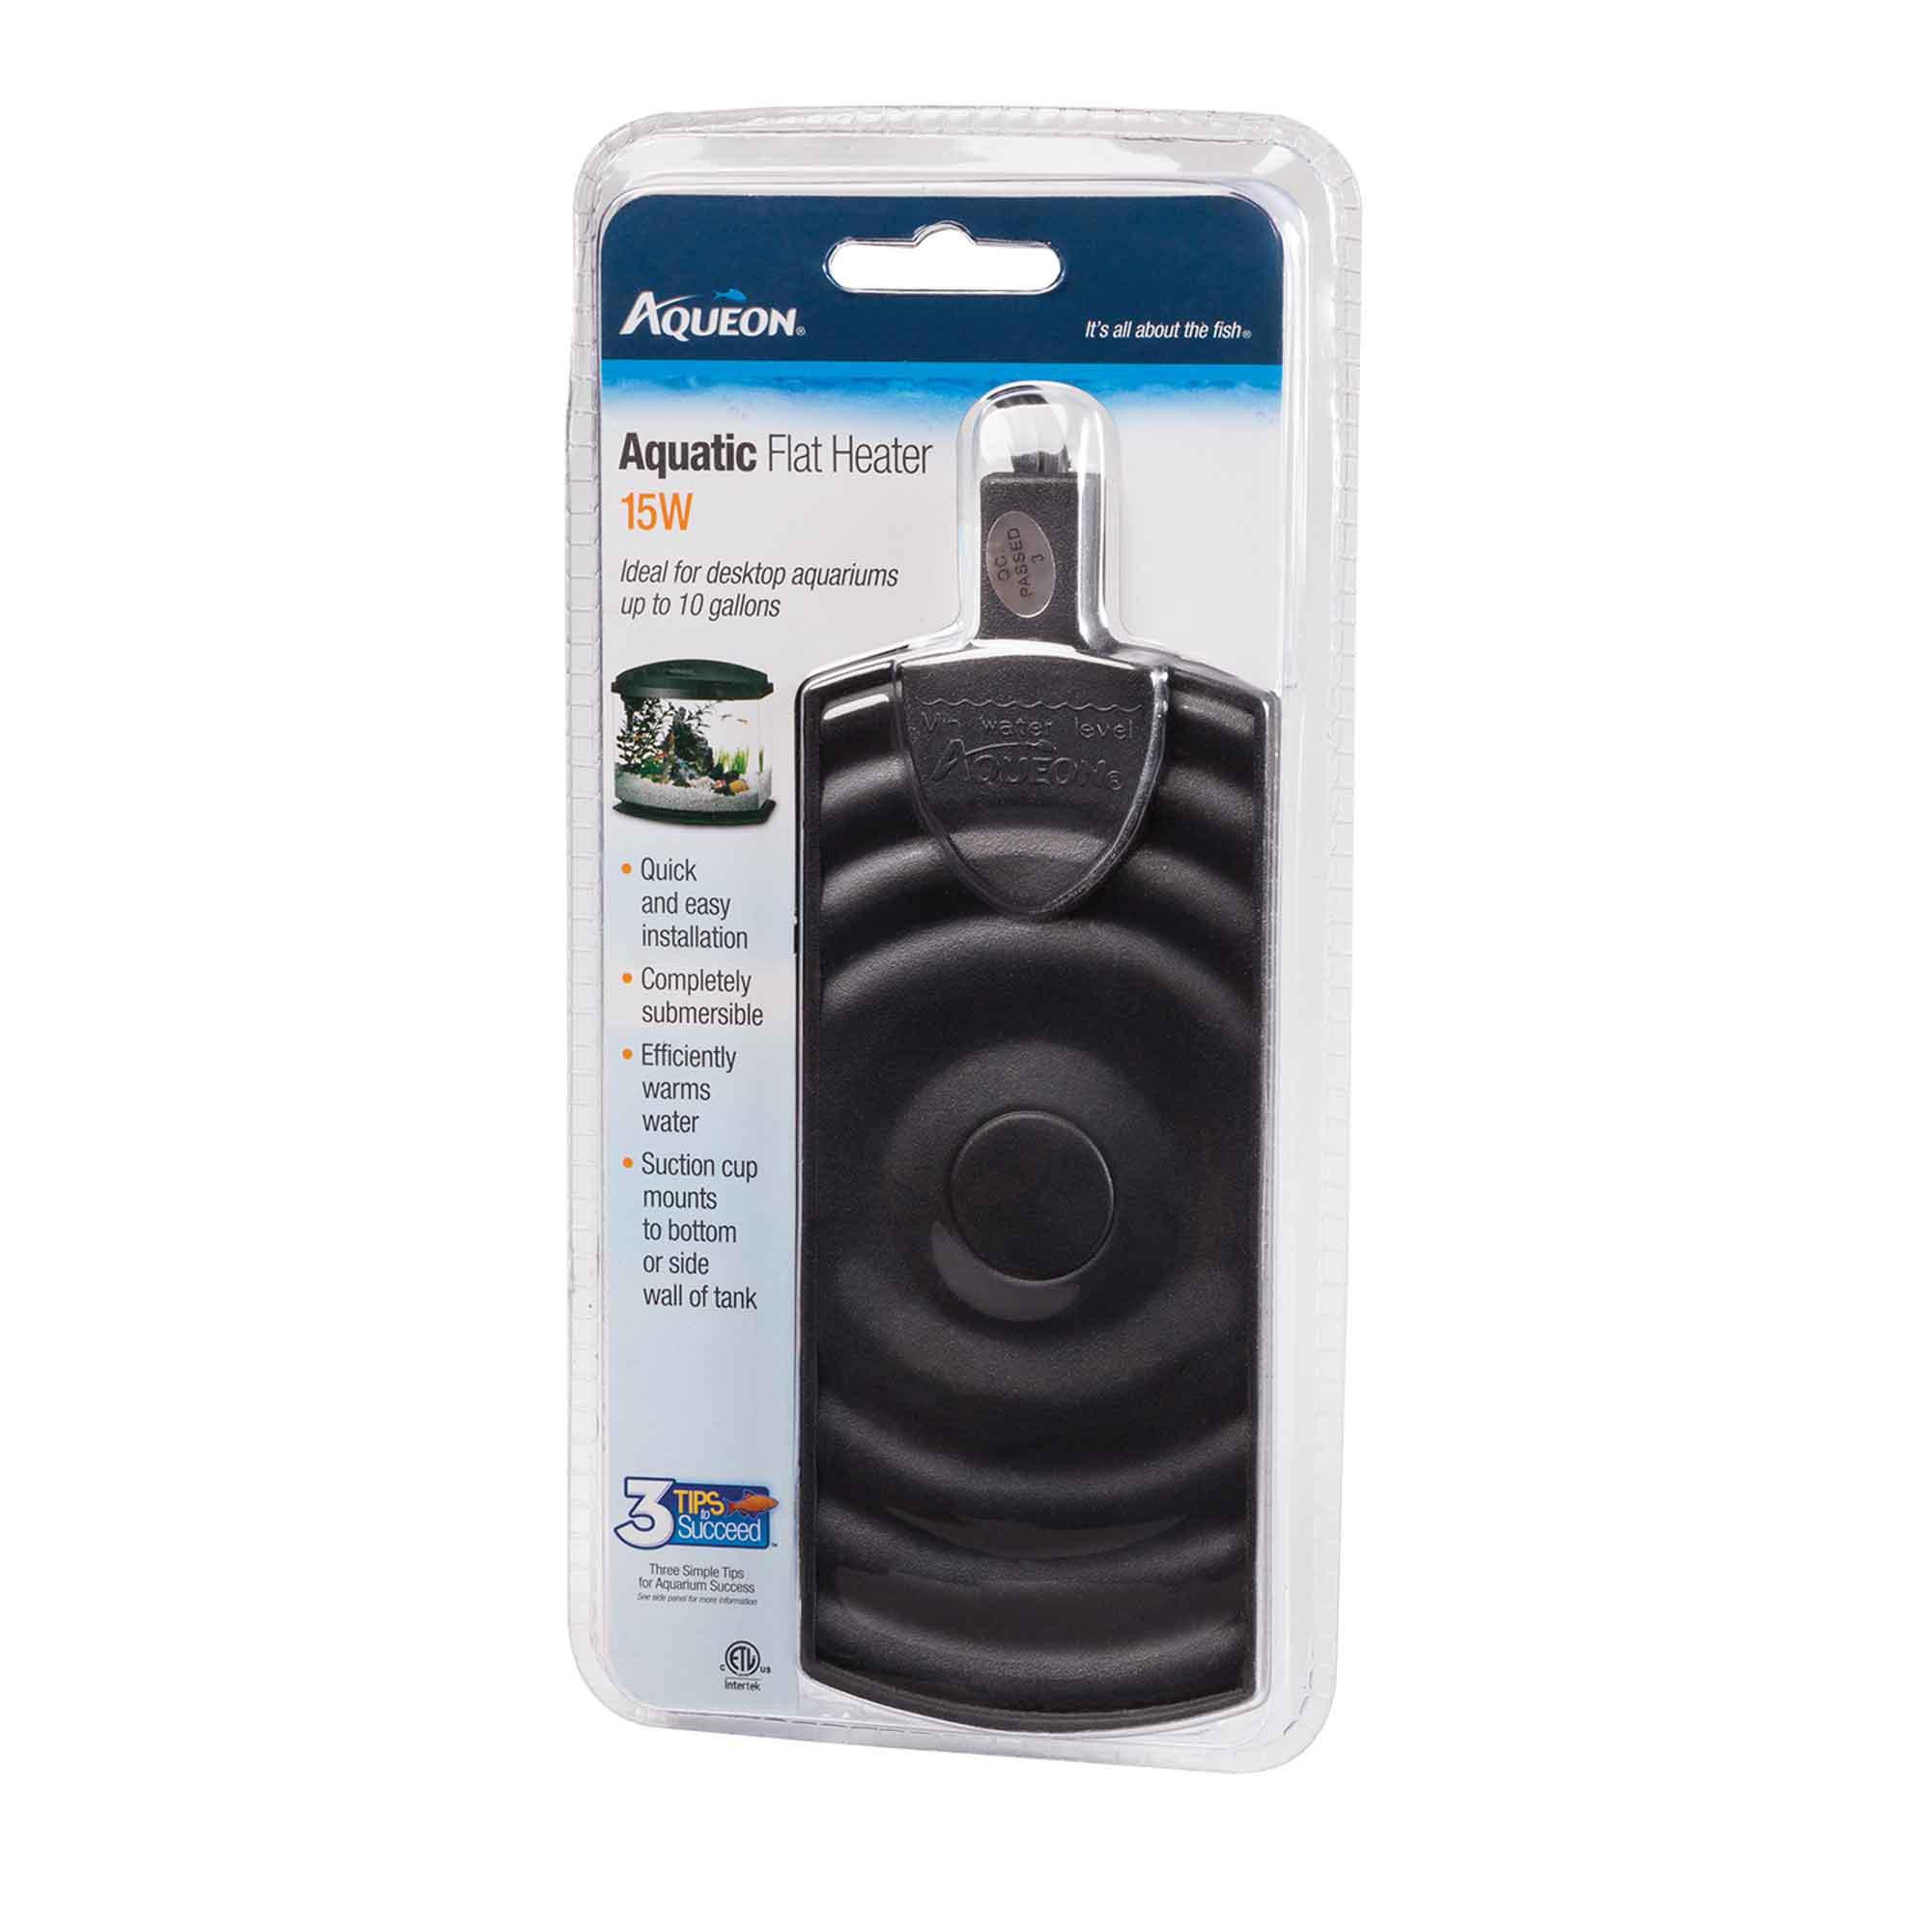 Aqueon aquatic flat heater 15w petco for Fish tank heater petco